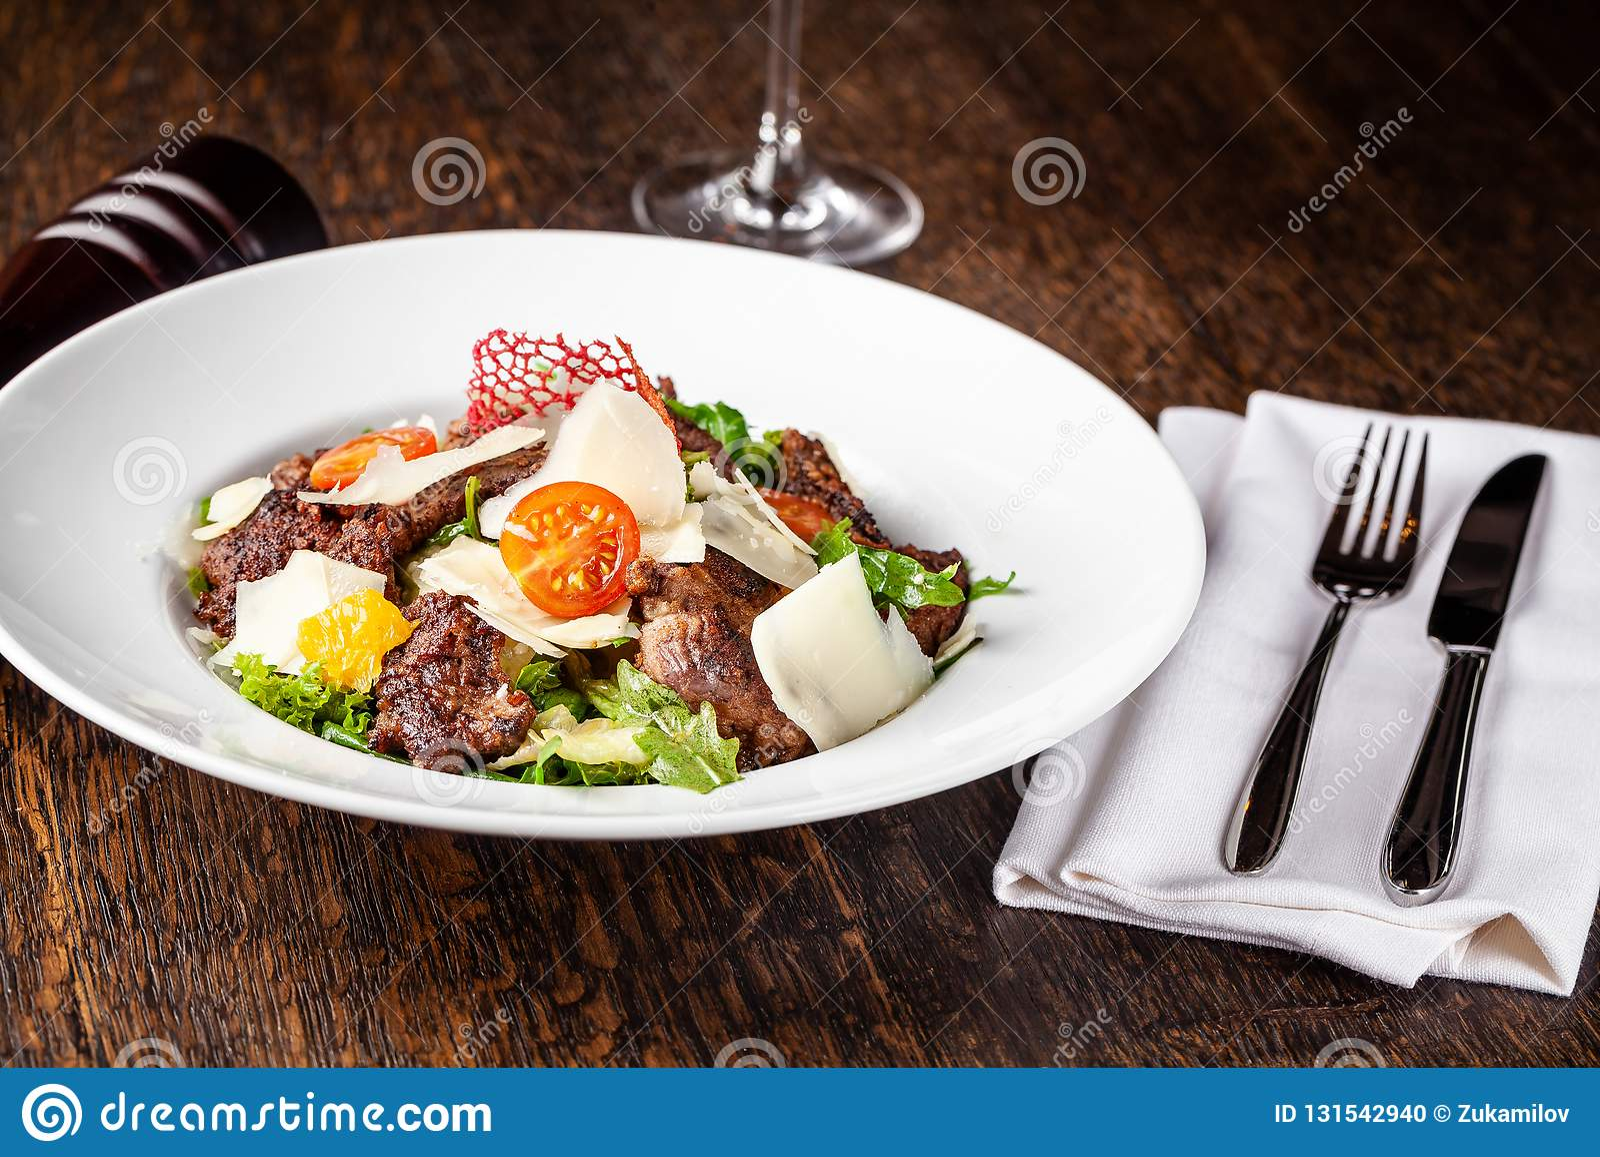 Sallad från blandningen av grönsallat, grönsallat och isberget lämnar, med körsbärsröda tomater, apelsinen och grillat nötkött på